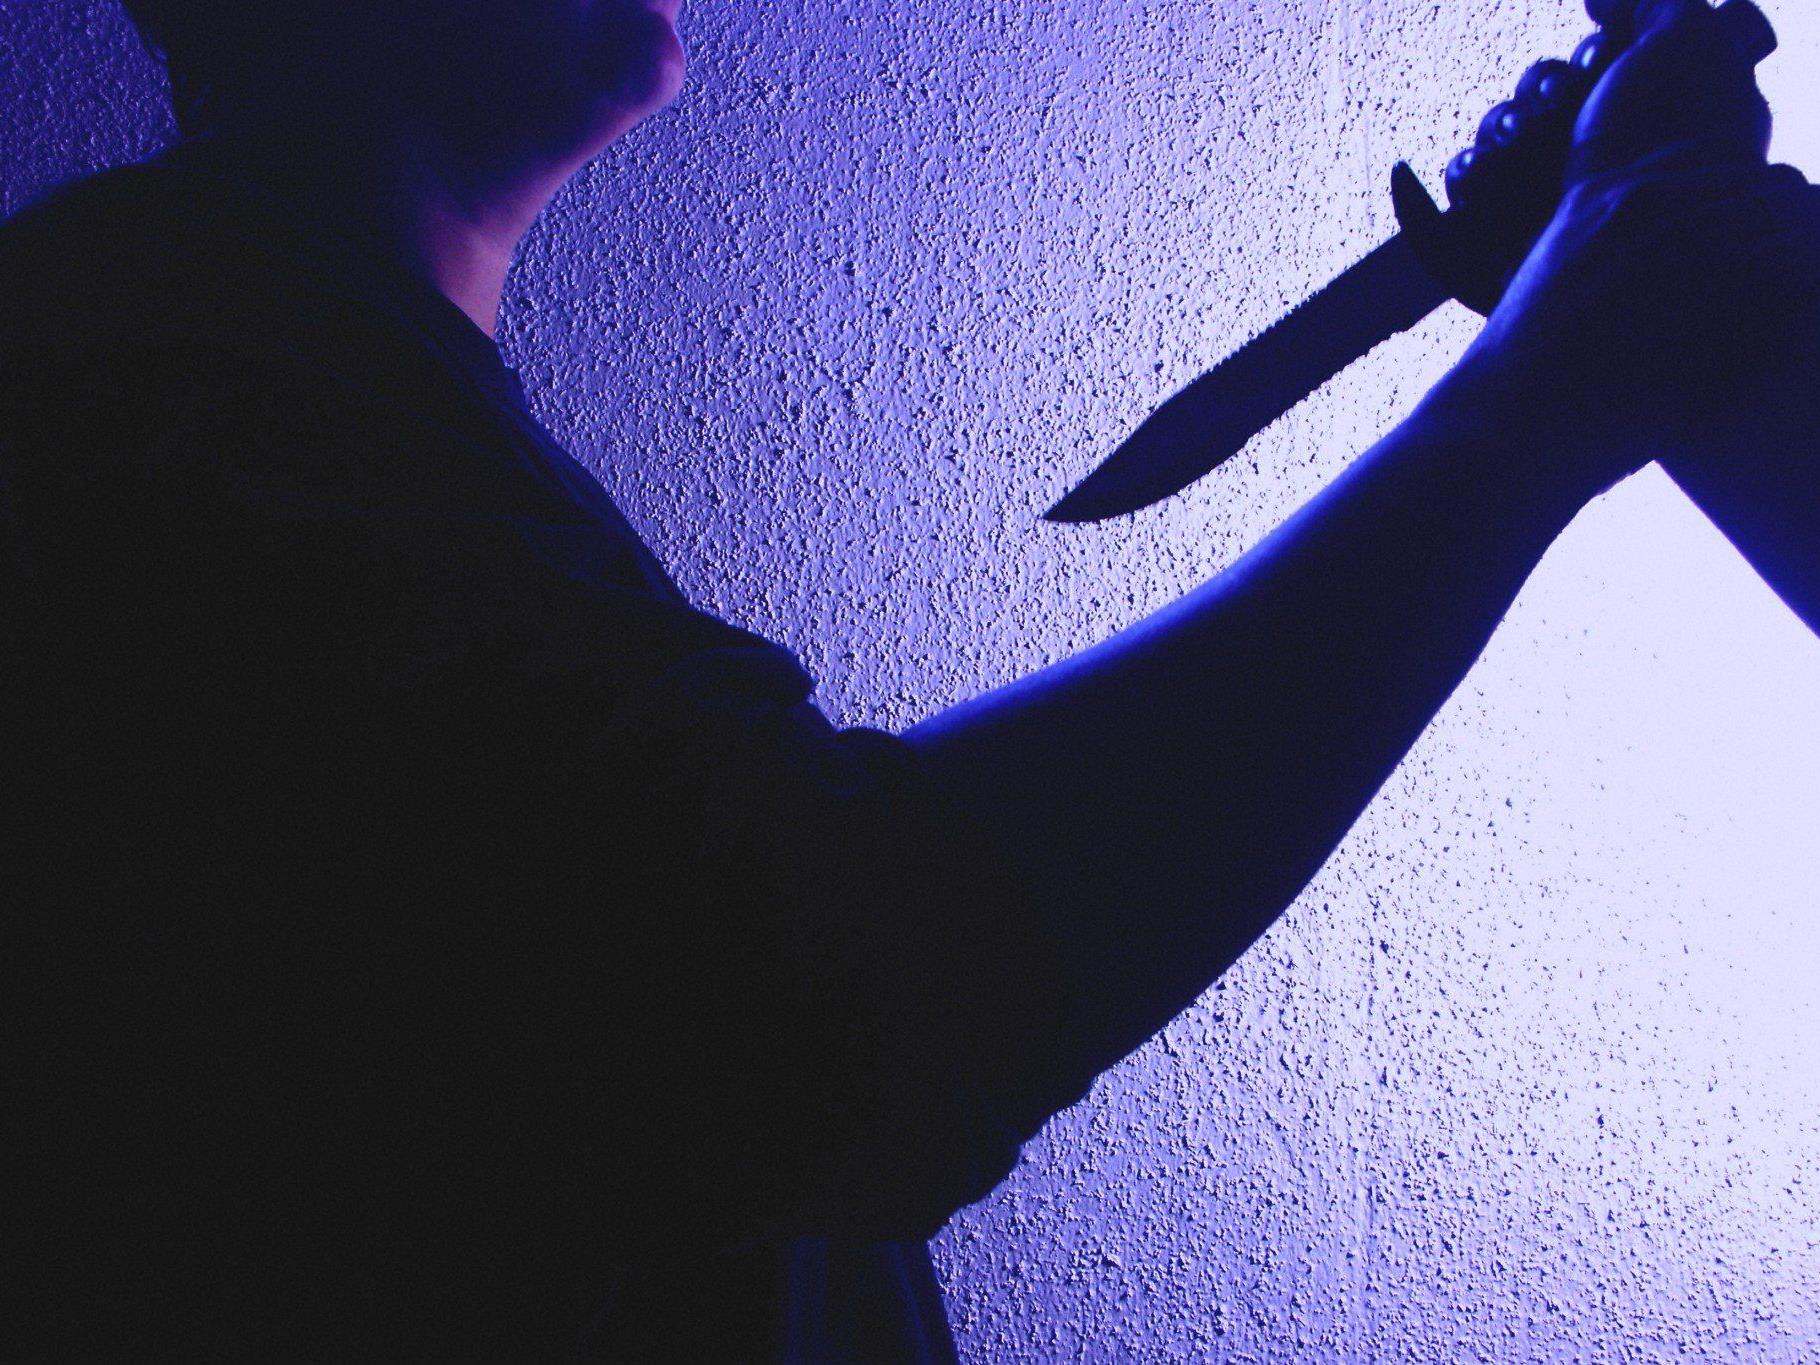 Mit einem Messer ging eine Frau auf ihren Lebensgefährten los